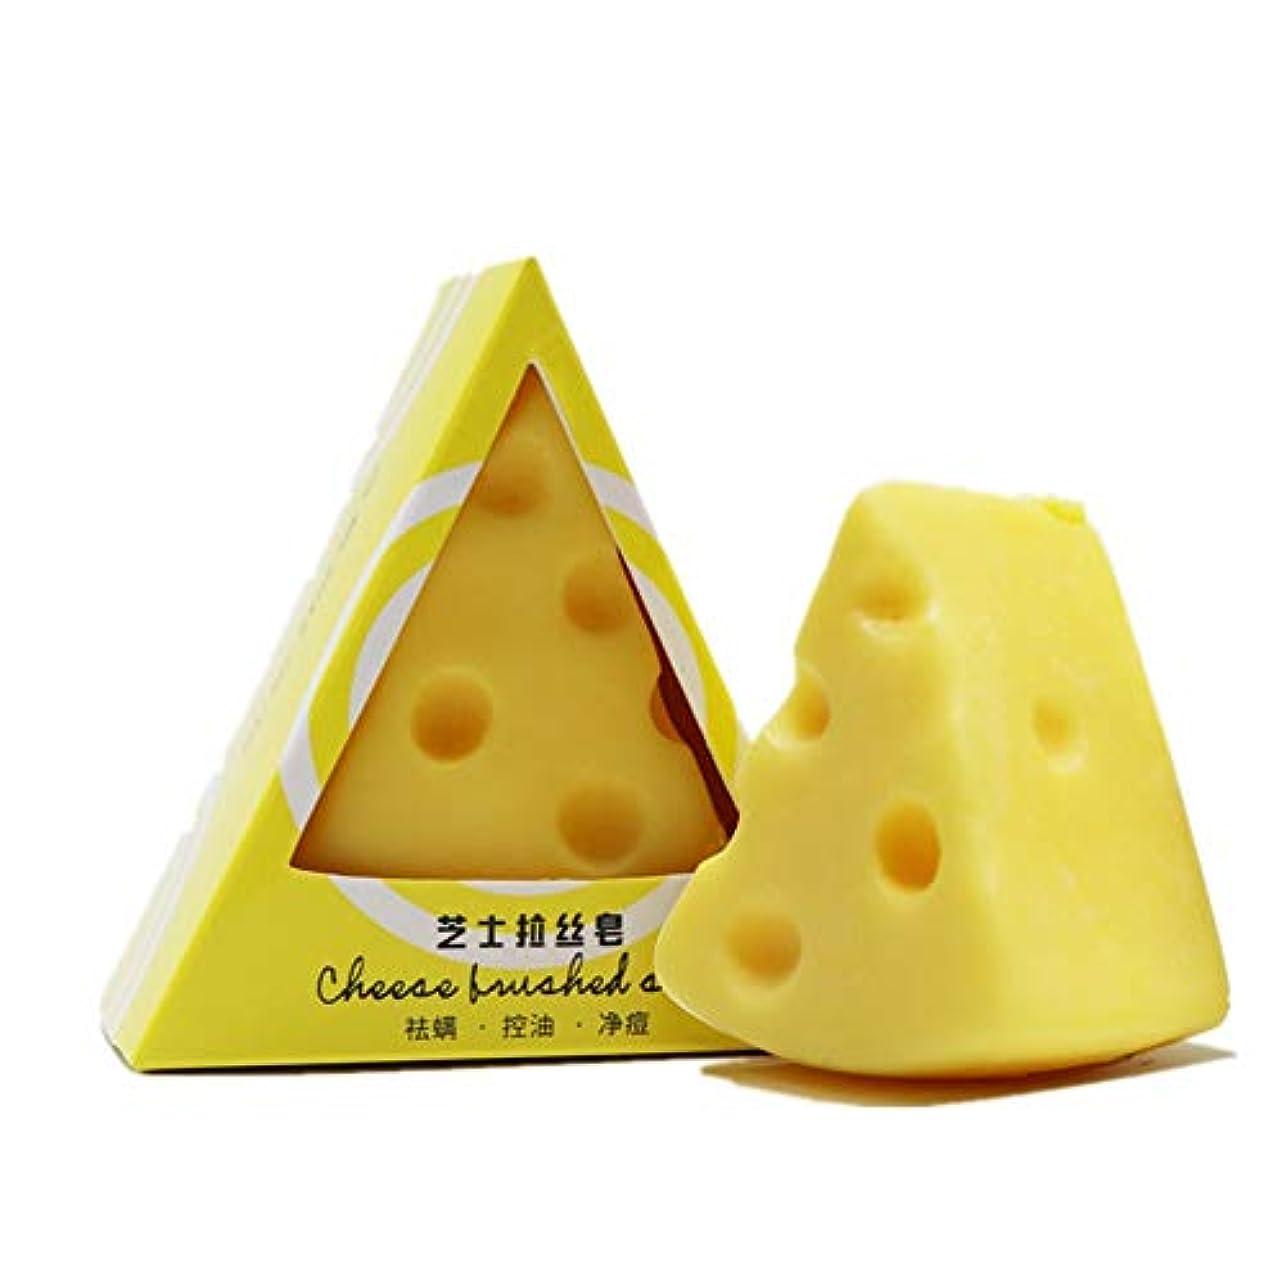 残る警戒前部KISSION ボディソープ 起毛石鹸 ボディクレンジング チーズソープ 手作り石鹸 保湿オイル制御 防ダニ にきび対策 フェイシャルソープ